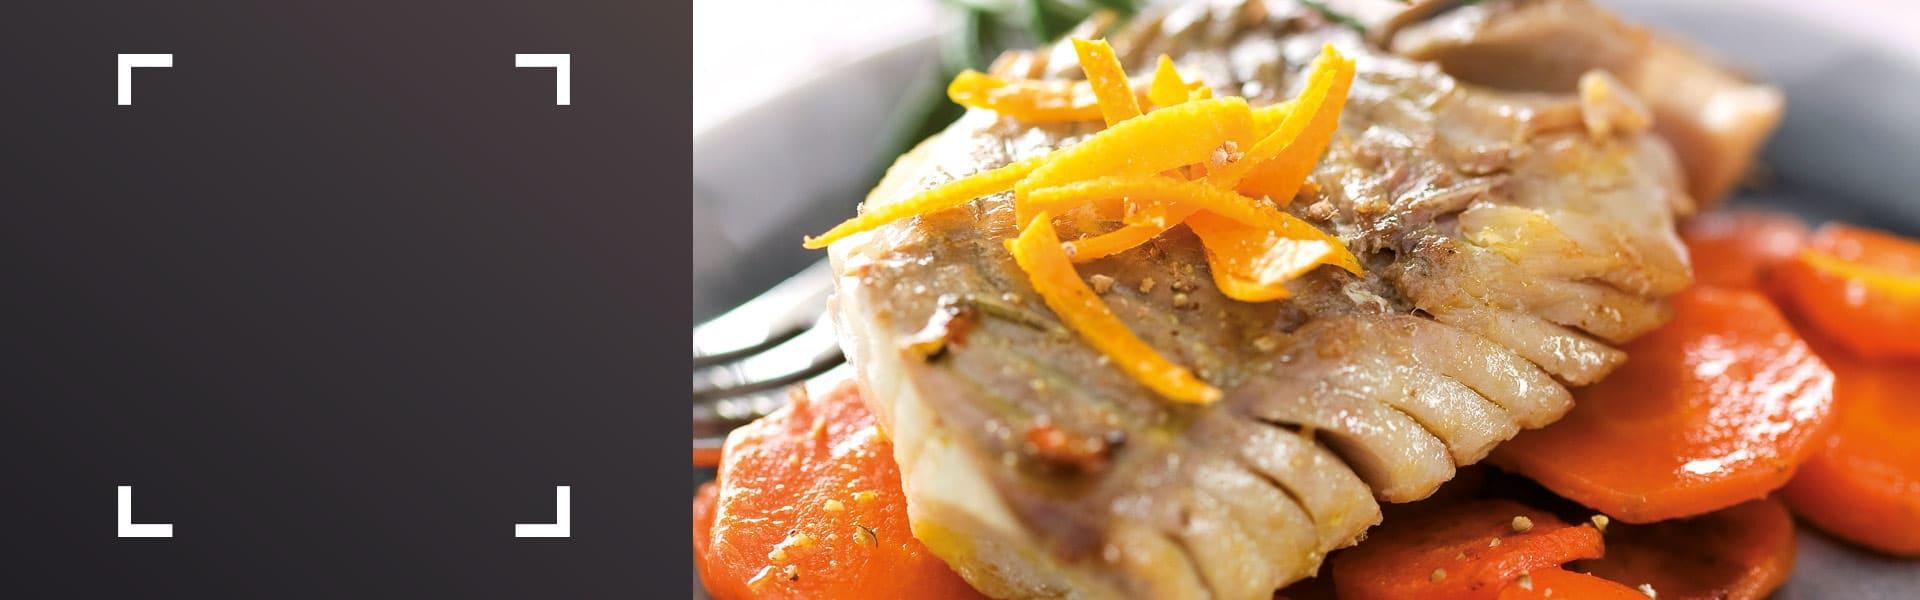 Recette cuisine de l'année 2013 - Comptoir de la mer